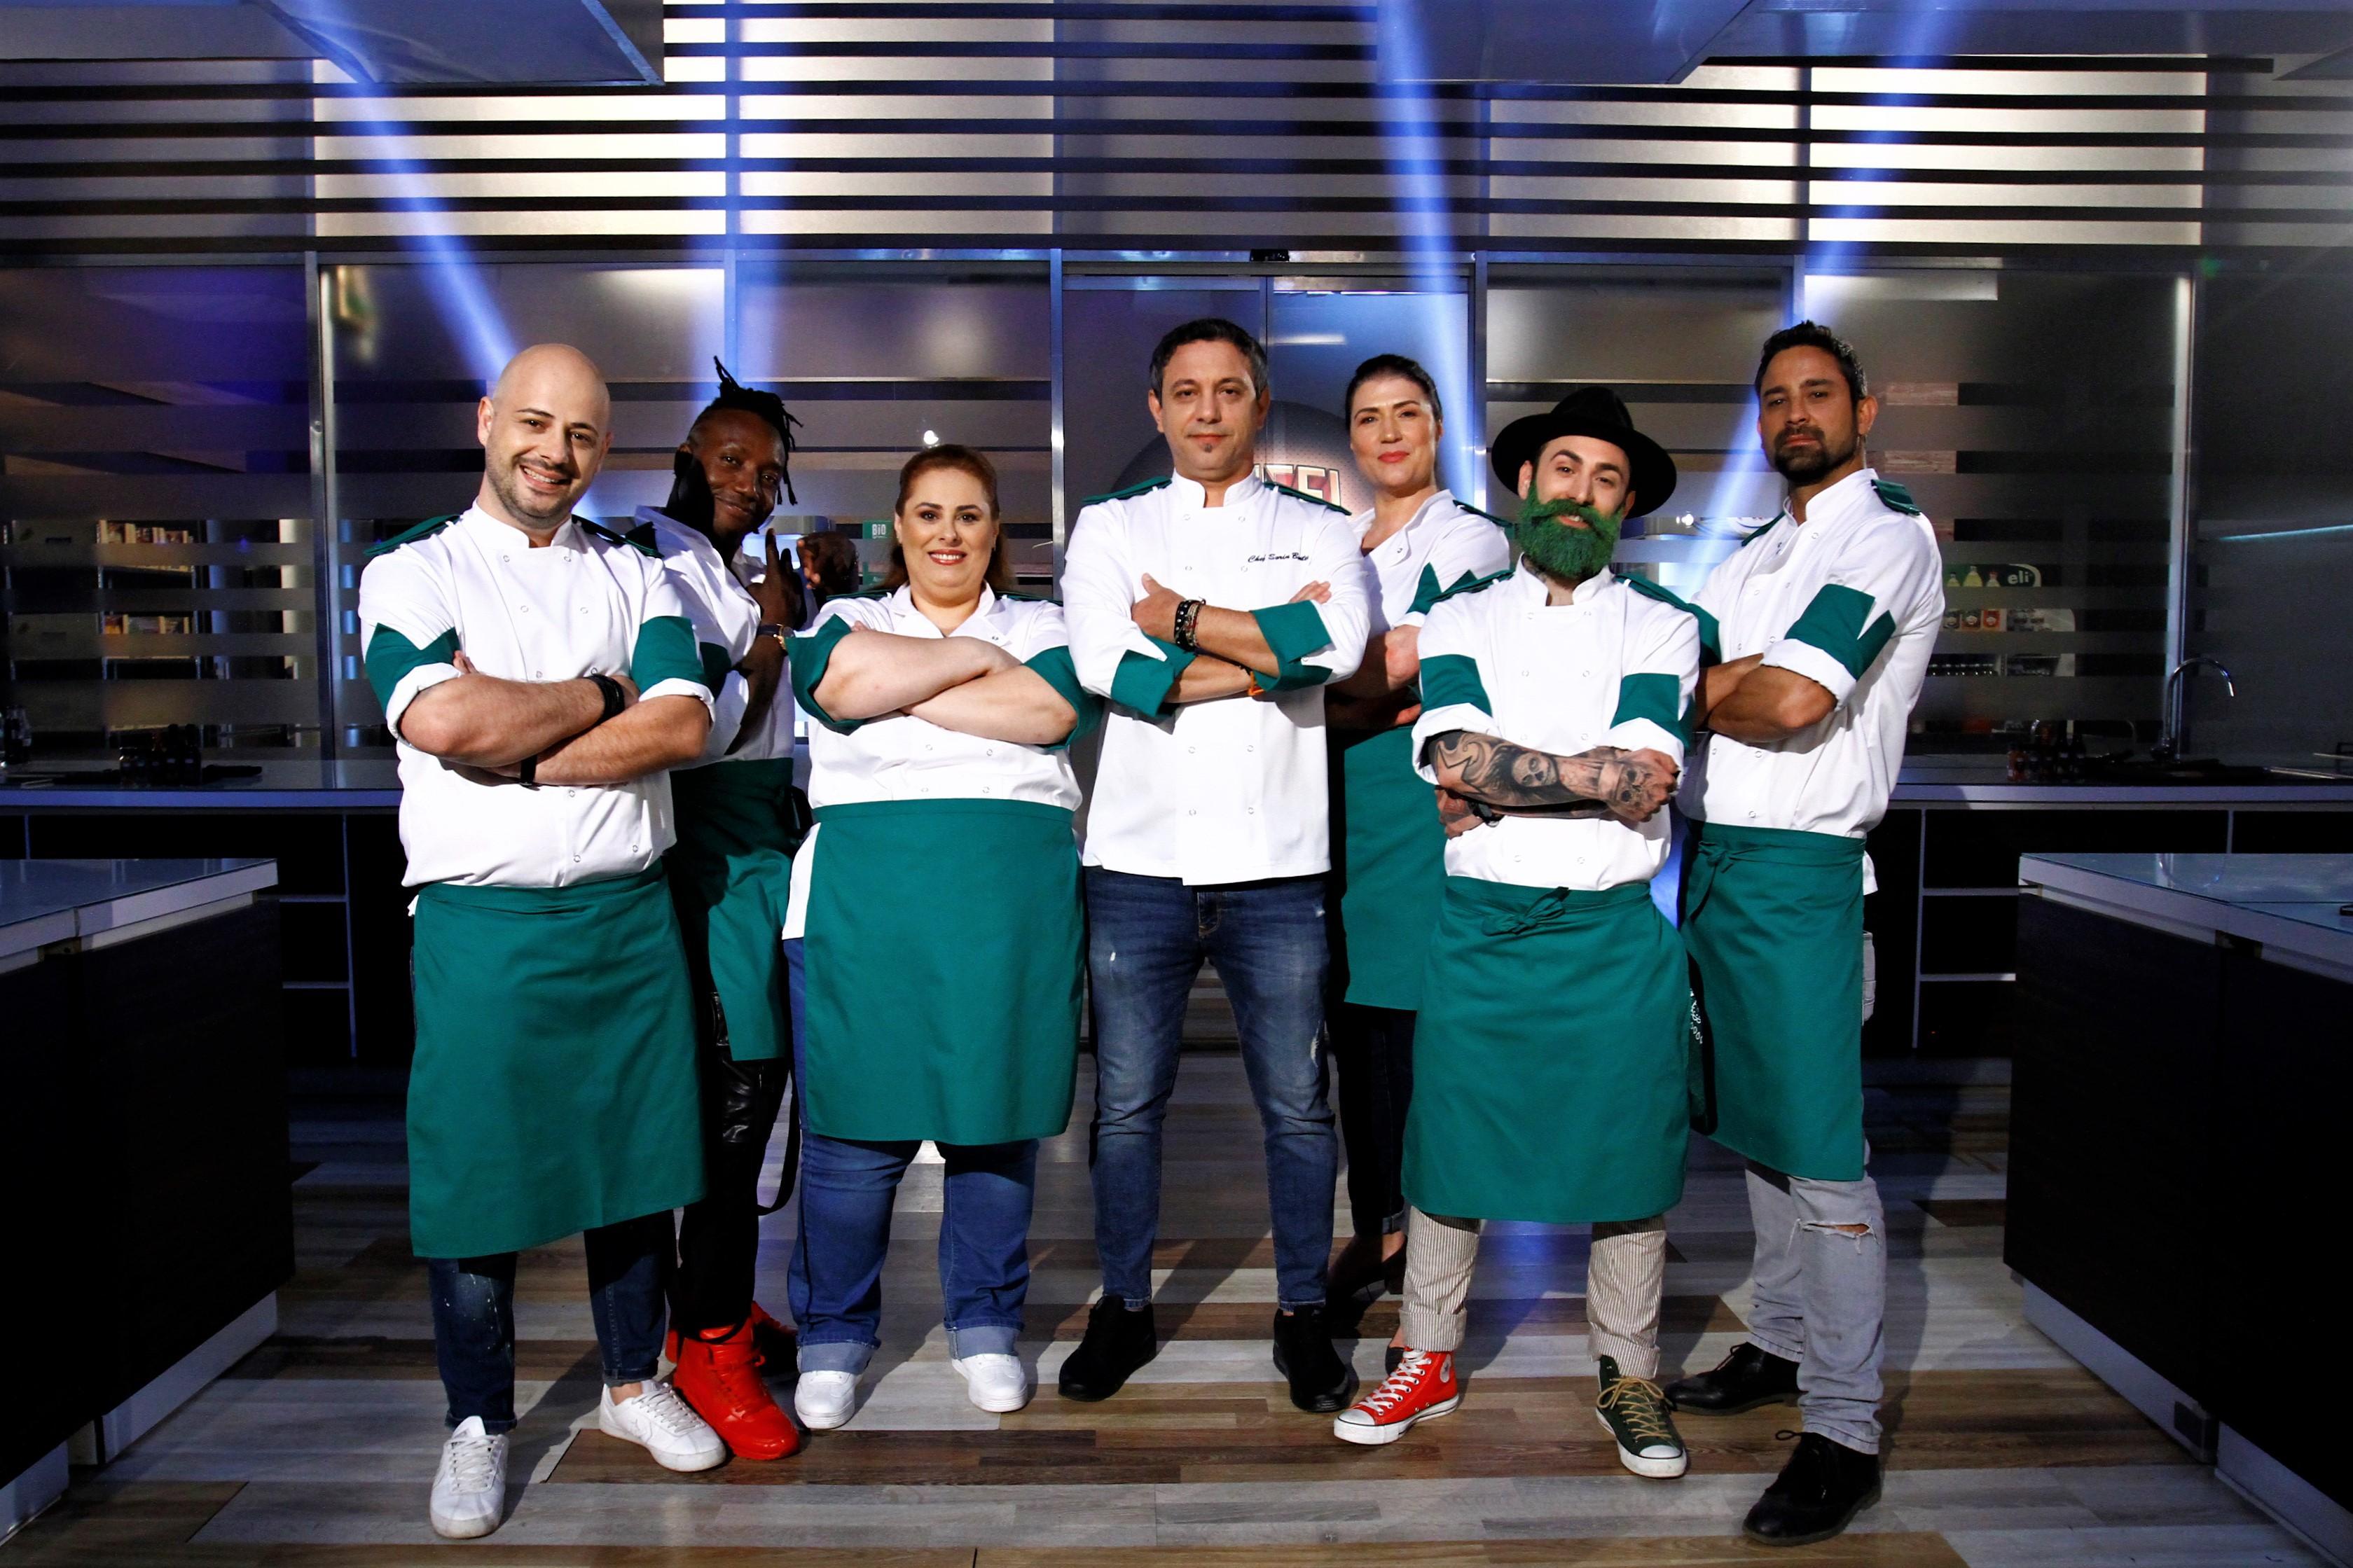 Șase concurenți, șase povesti impresionante de viață! Ei sunt bucătarii VERZI ai lui chef Sorin Bontea!